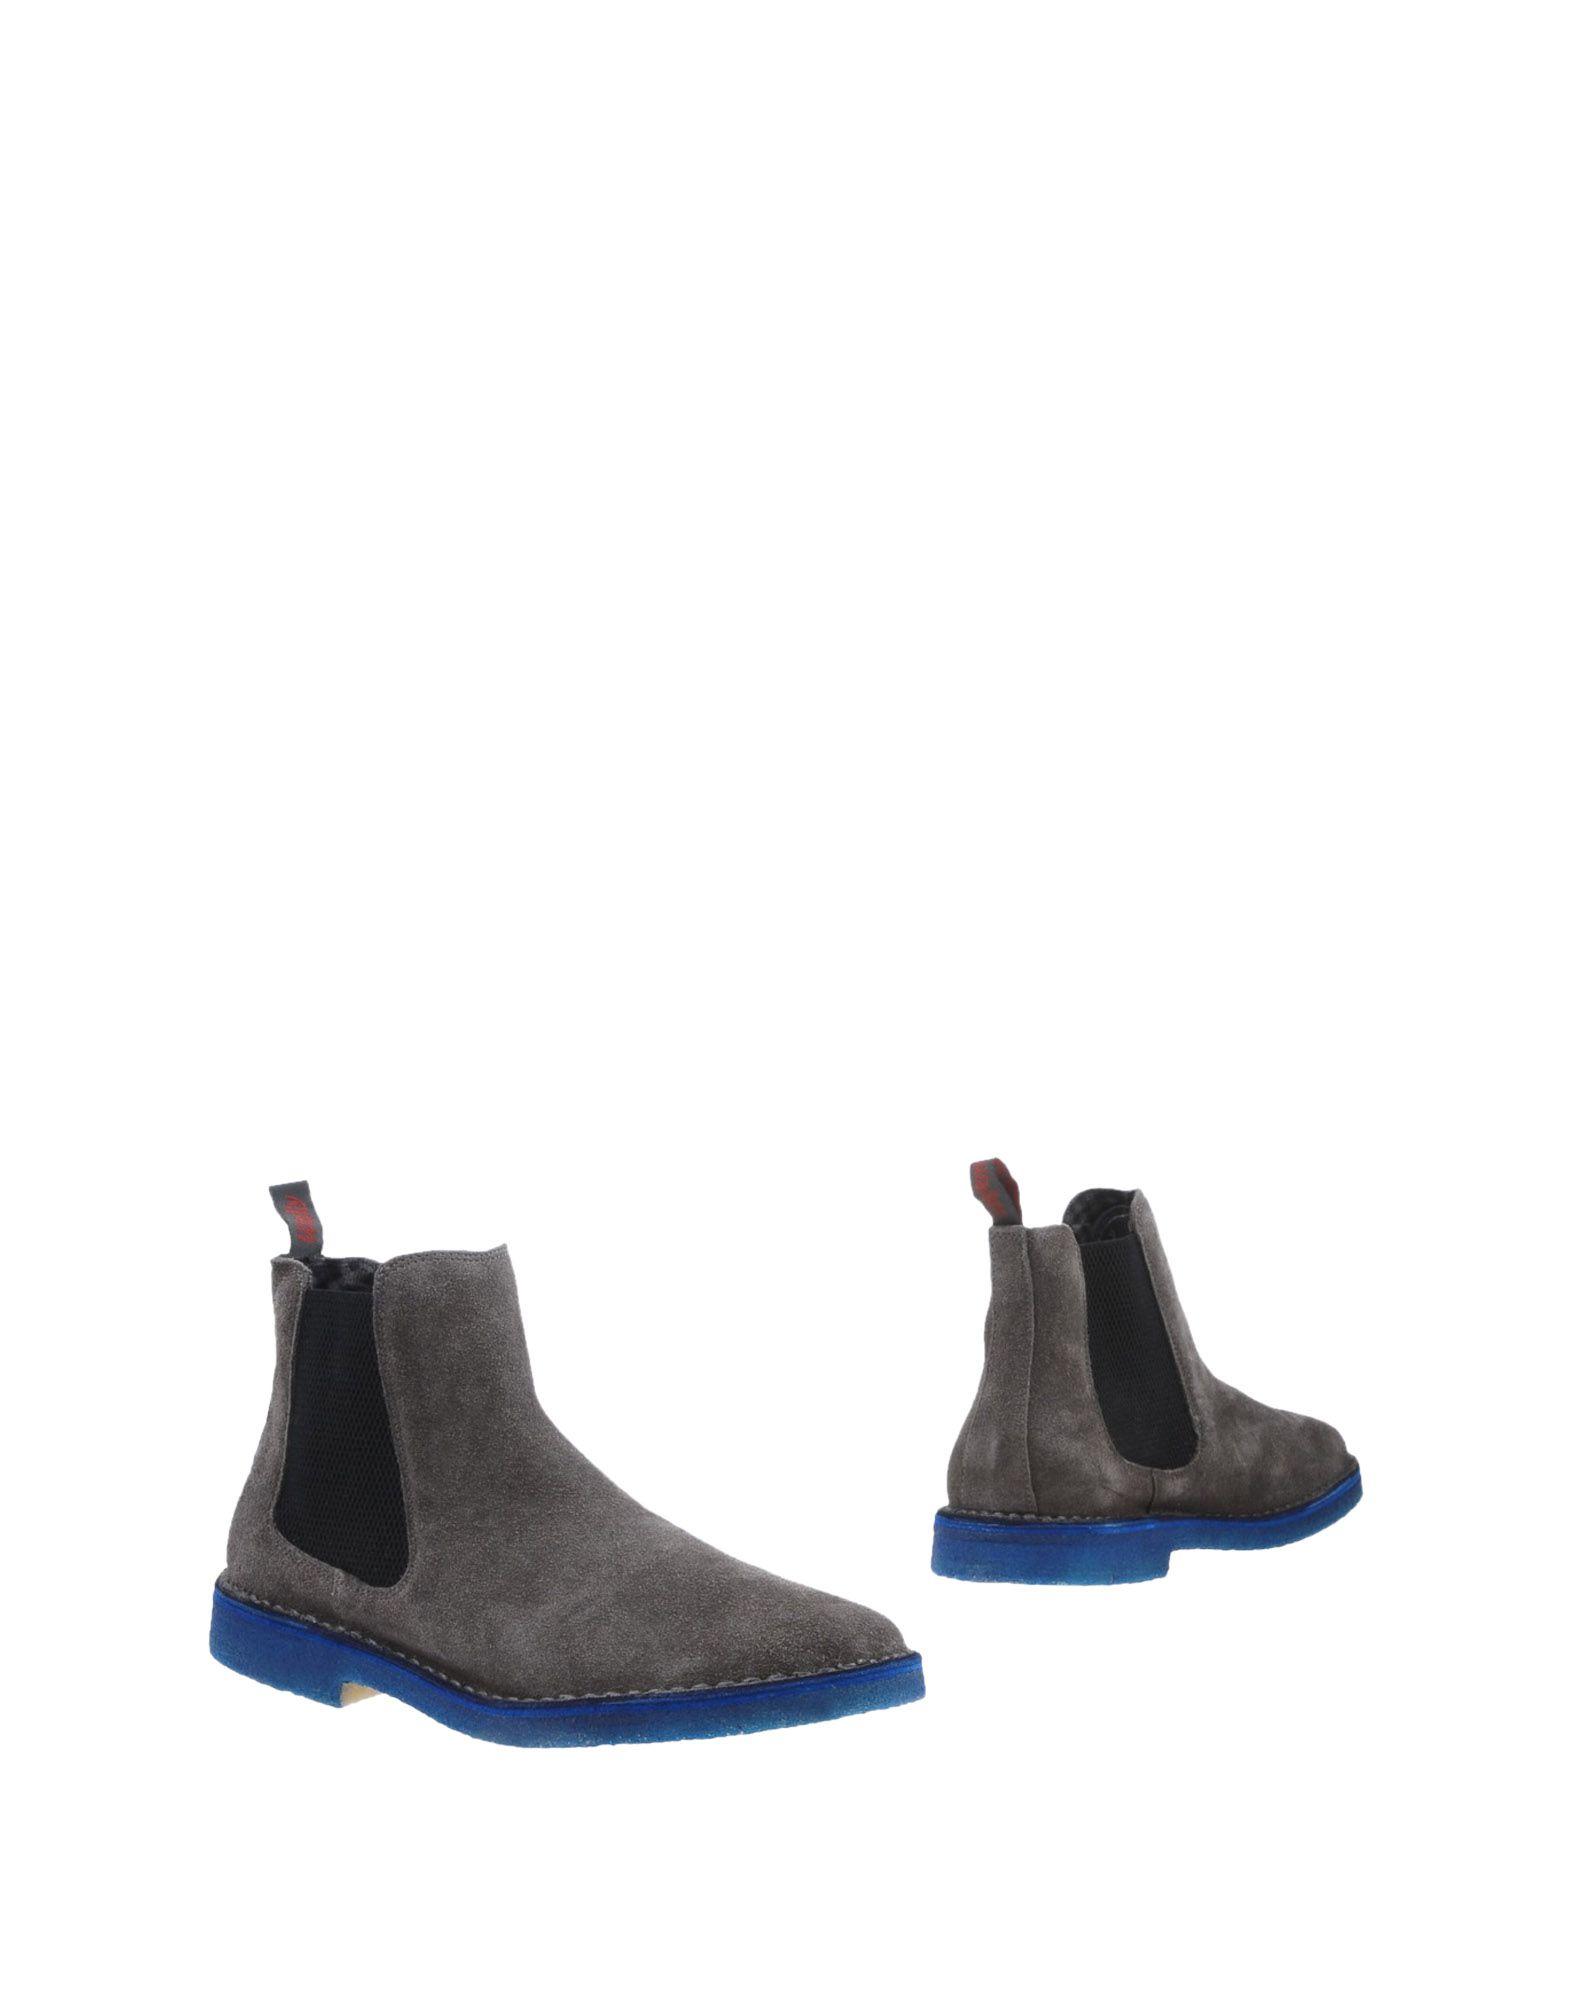 Rabatt echte Herren Schuhe Wally Walker Stiefelette Herren echte  11309996JQ ff79c8